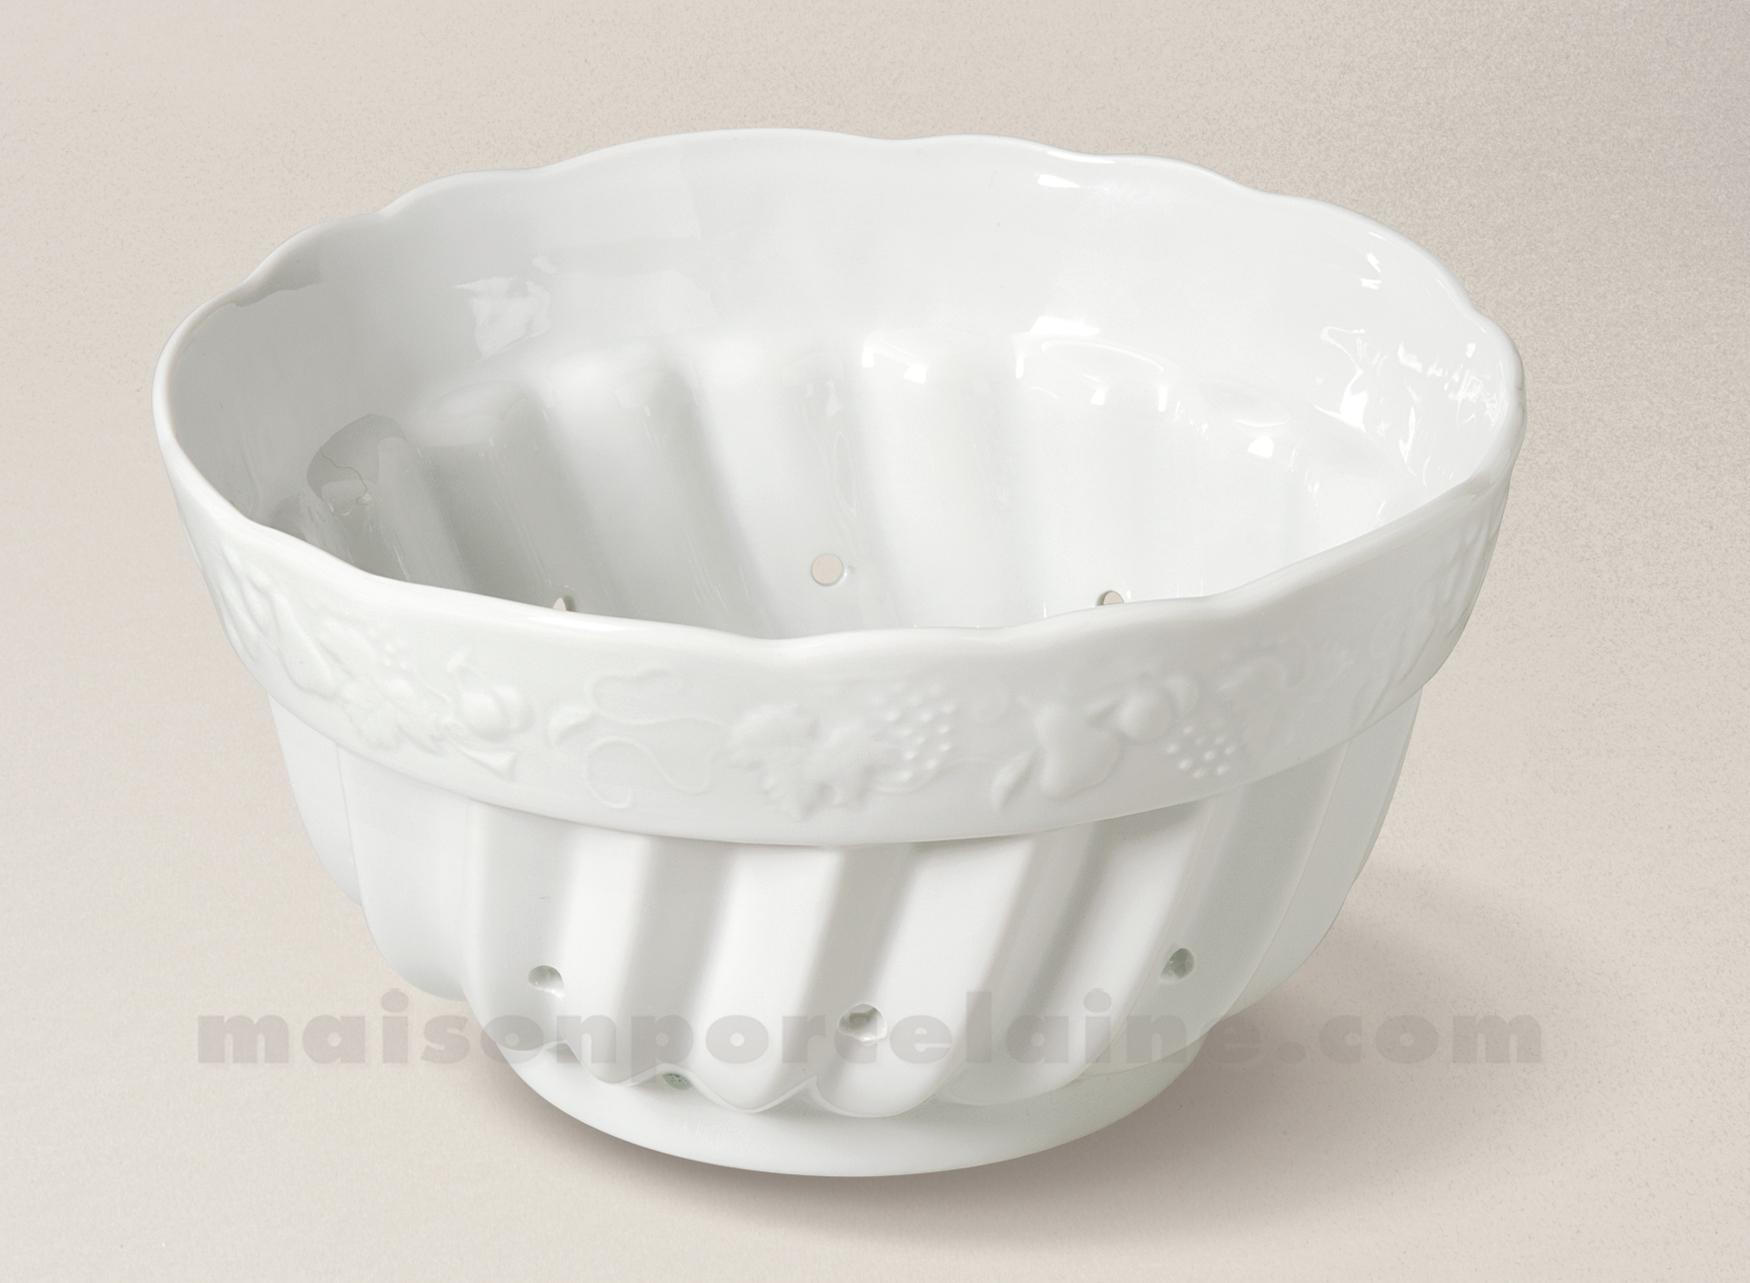 egouttoir fraises california porcelaine blanche 20x11 maison de la porcelaine. Black Bedroom Furniture Sets. Home Design Ideas